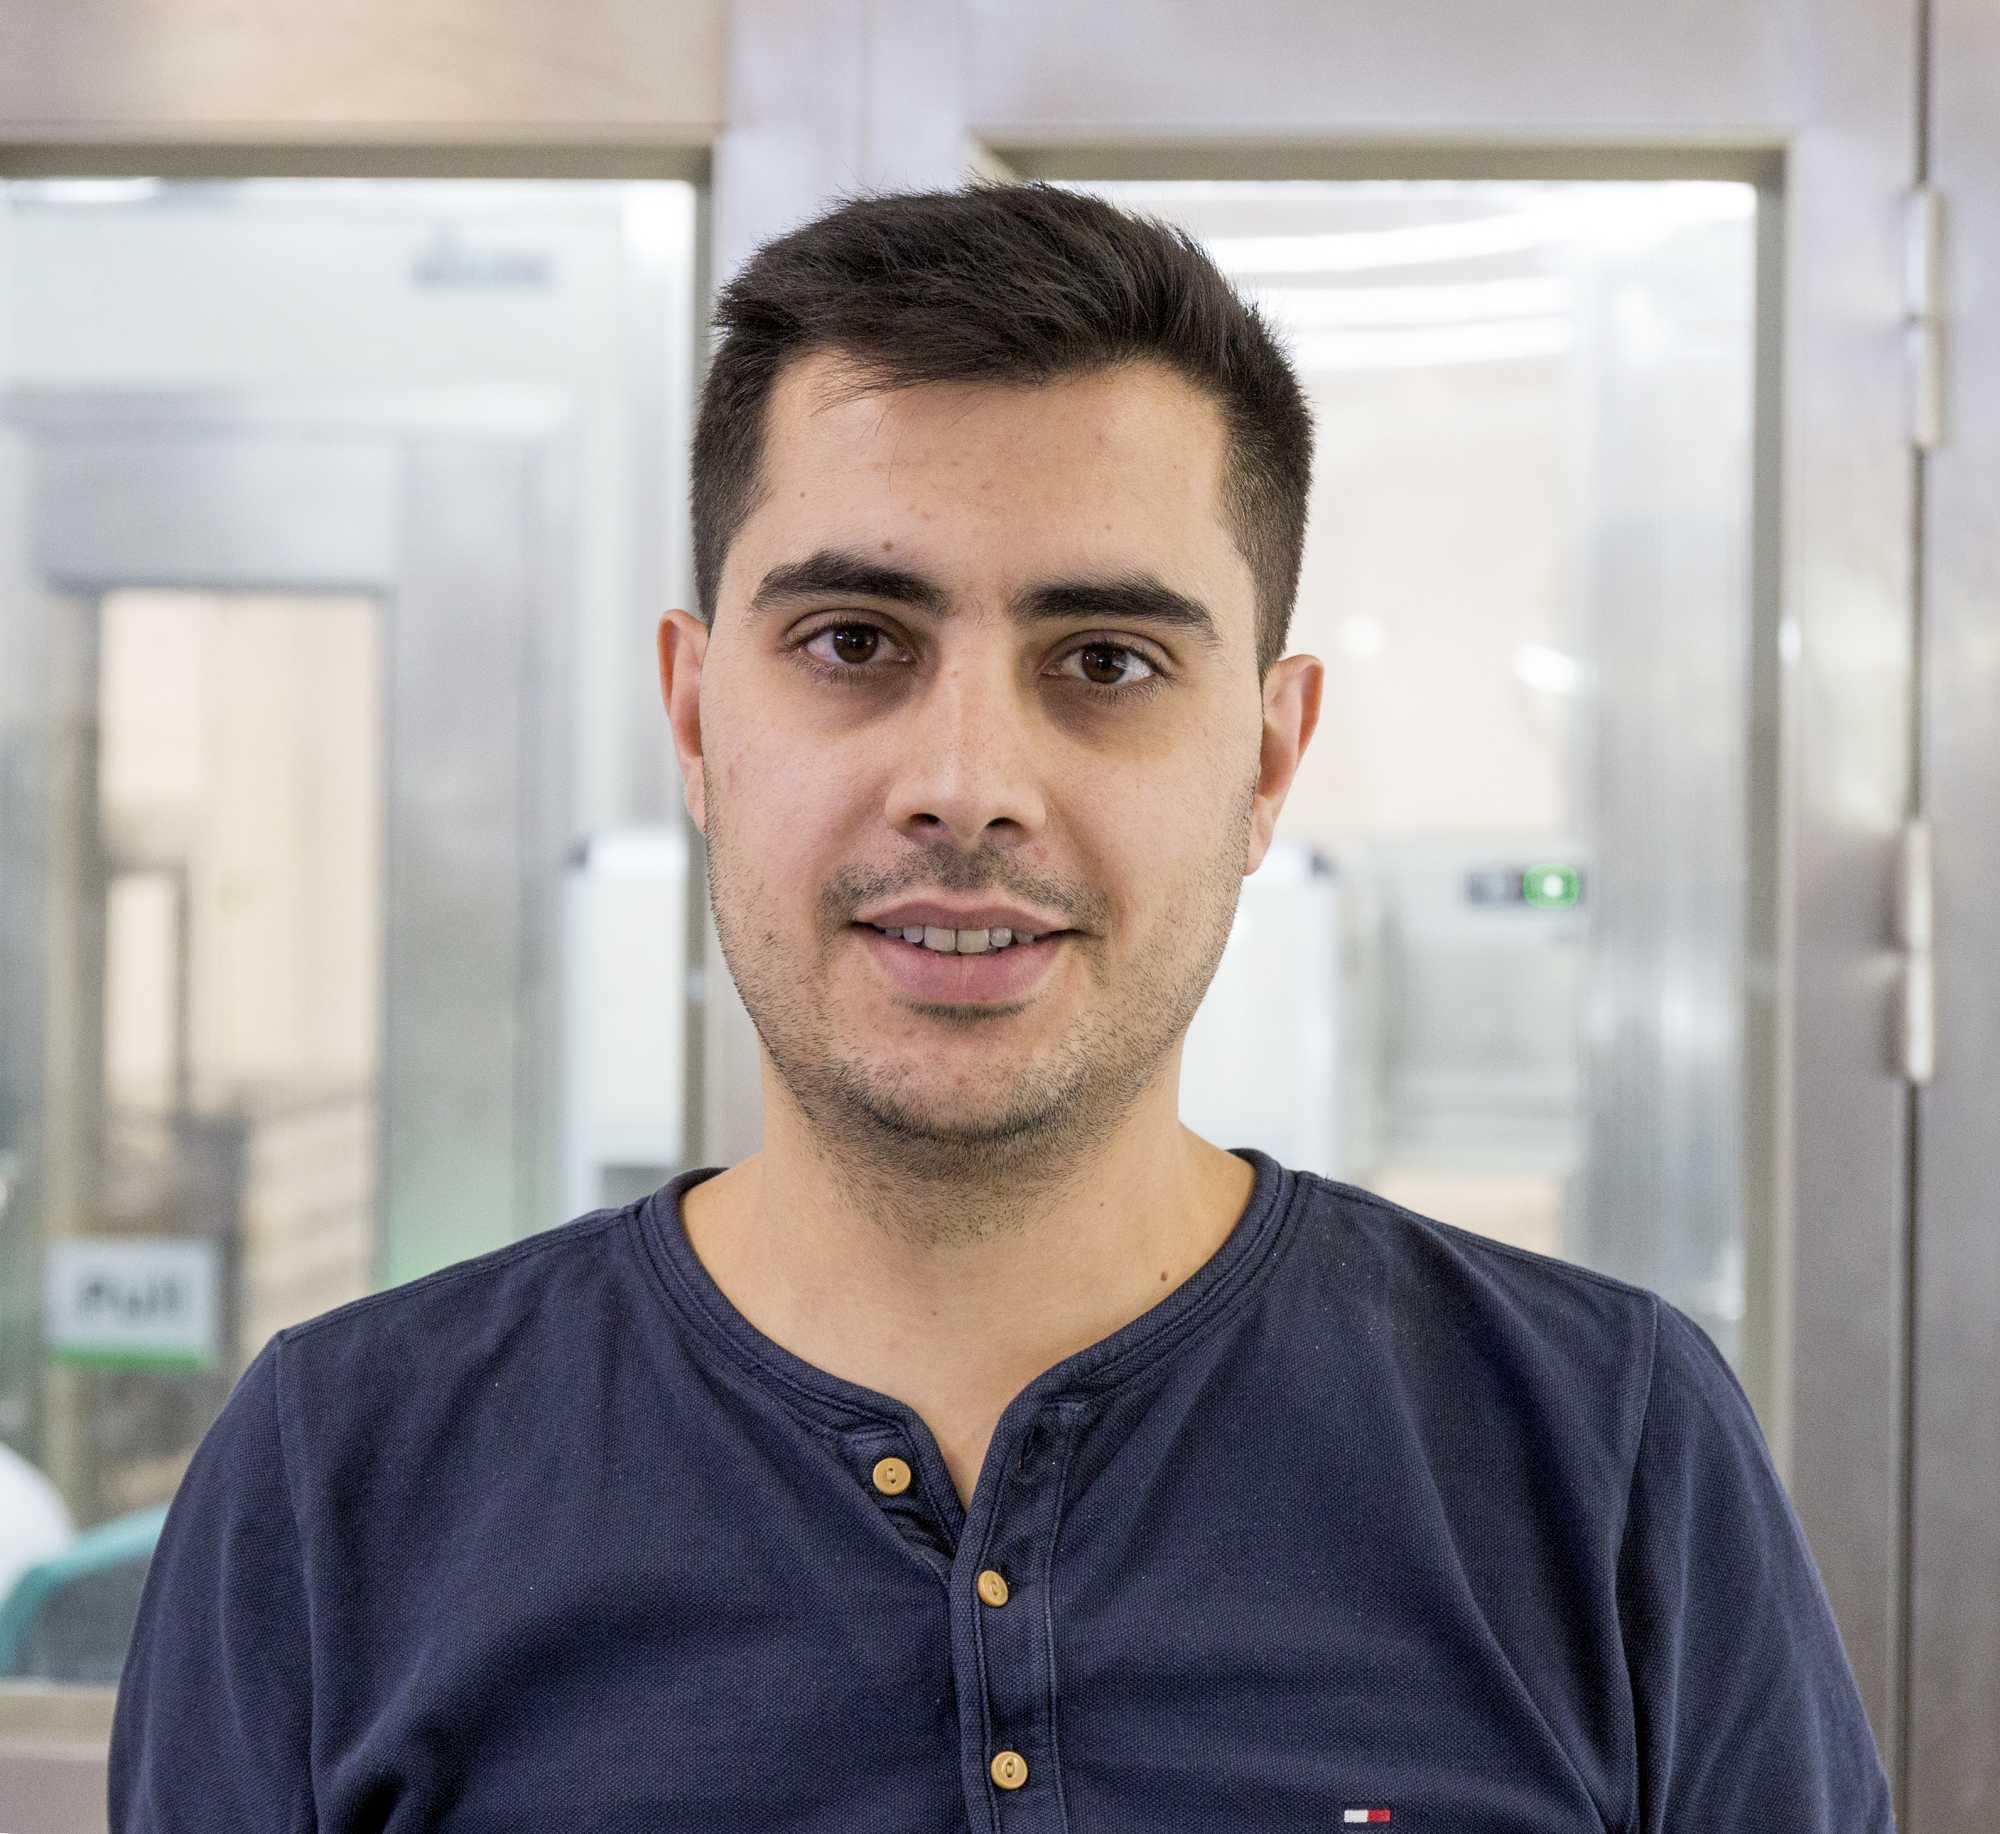 Abdul El-Chafei hat in seinem Kinderzimmer mit dem Löten angefangen. Nun führt er mehrere Smartphone-Werkstätten.